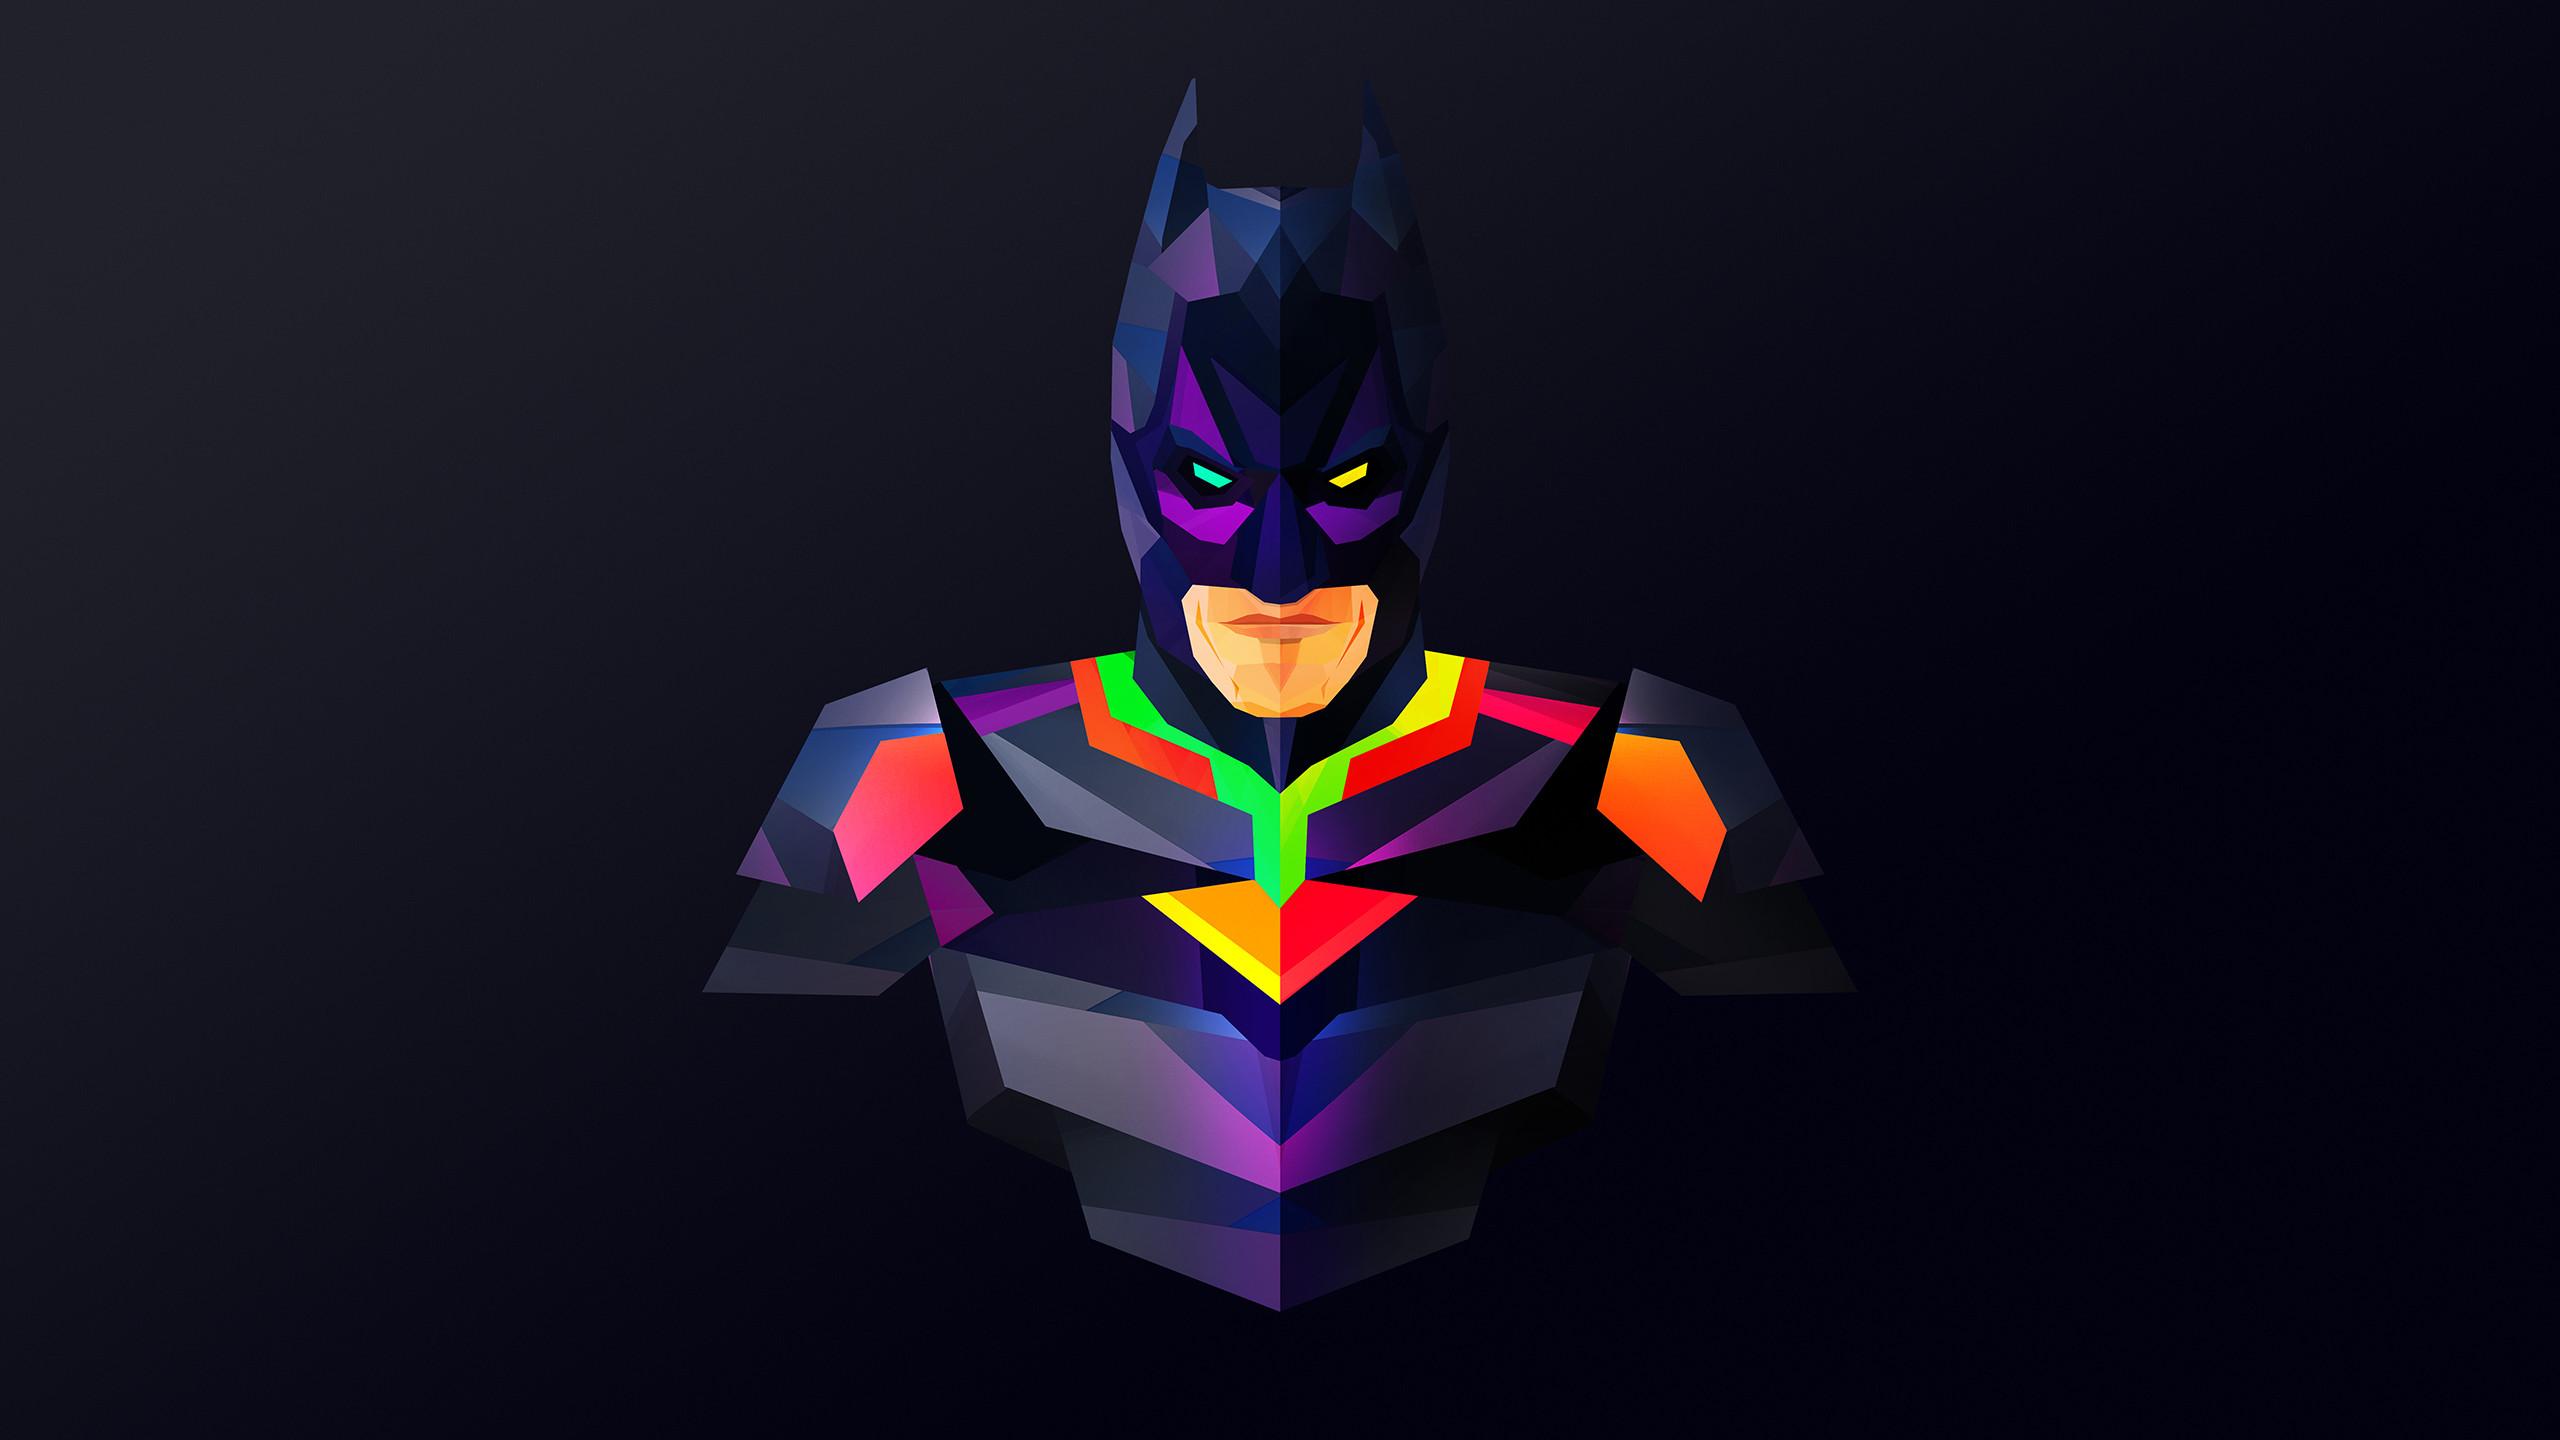 Creative Graphics / Batman Wallpaper